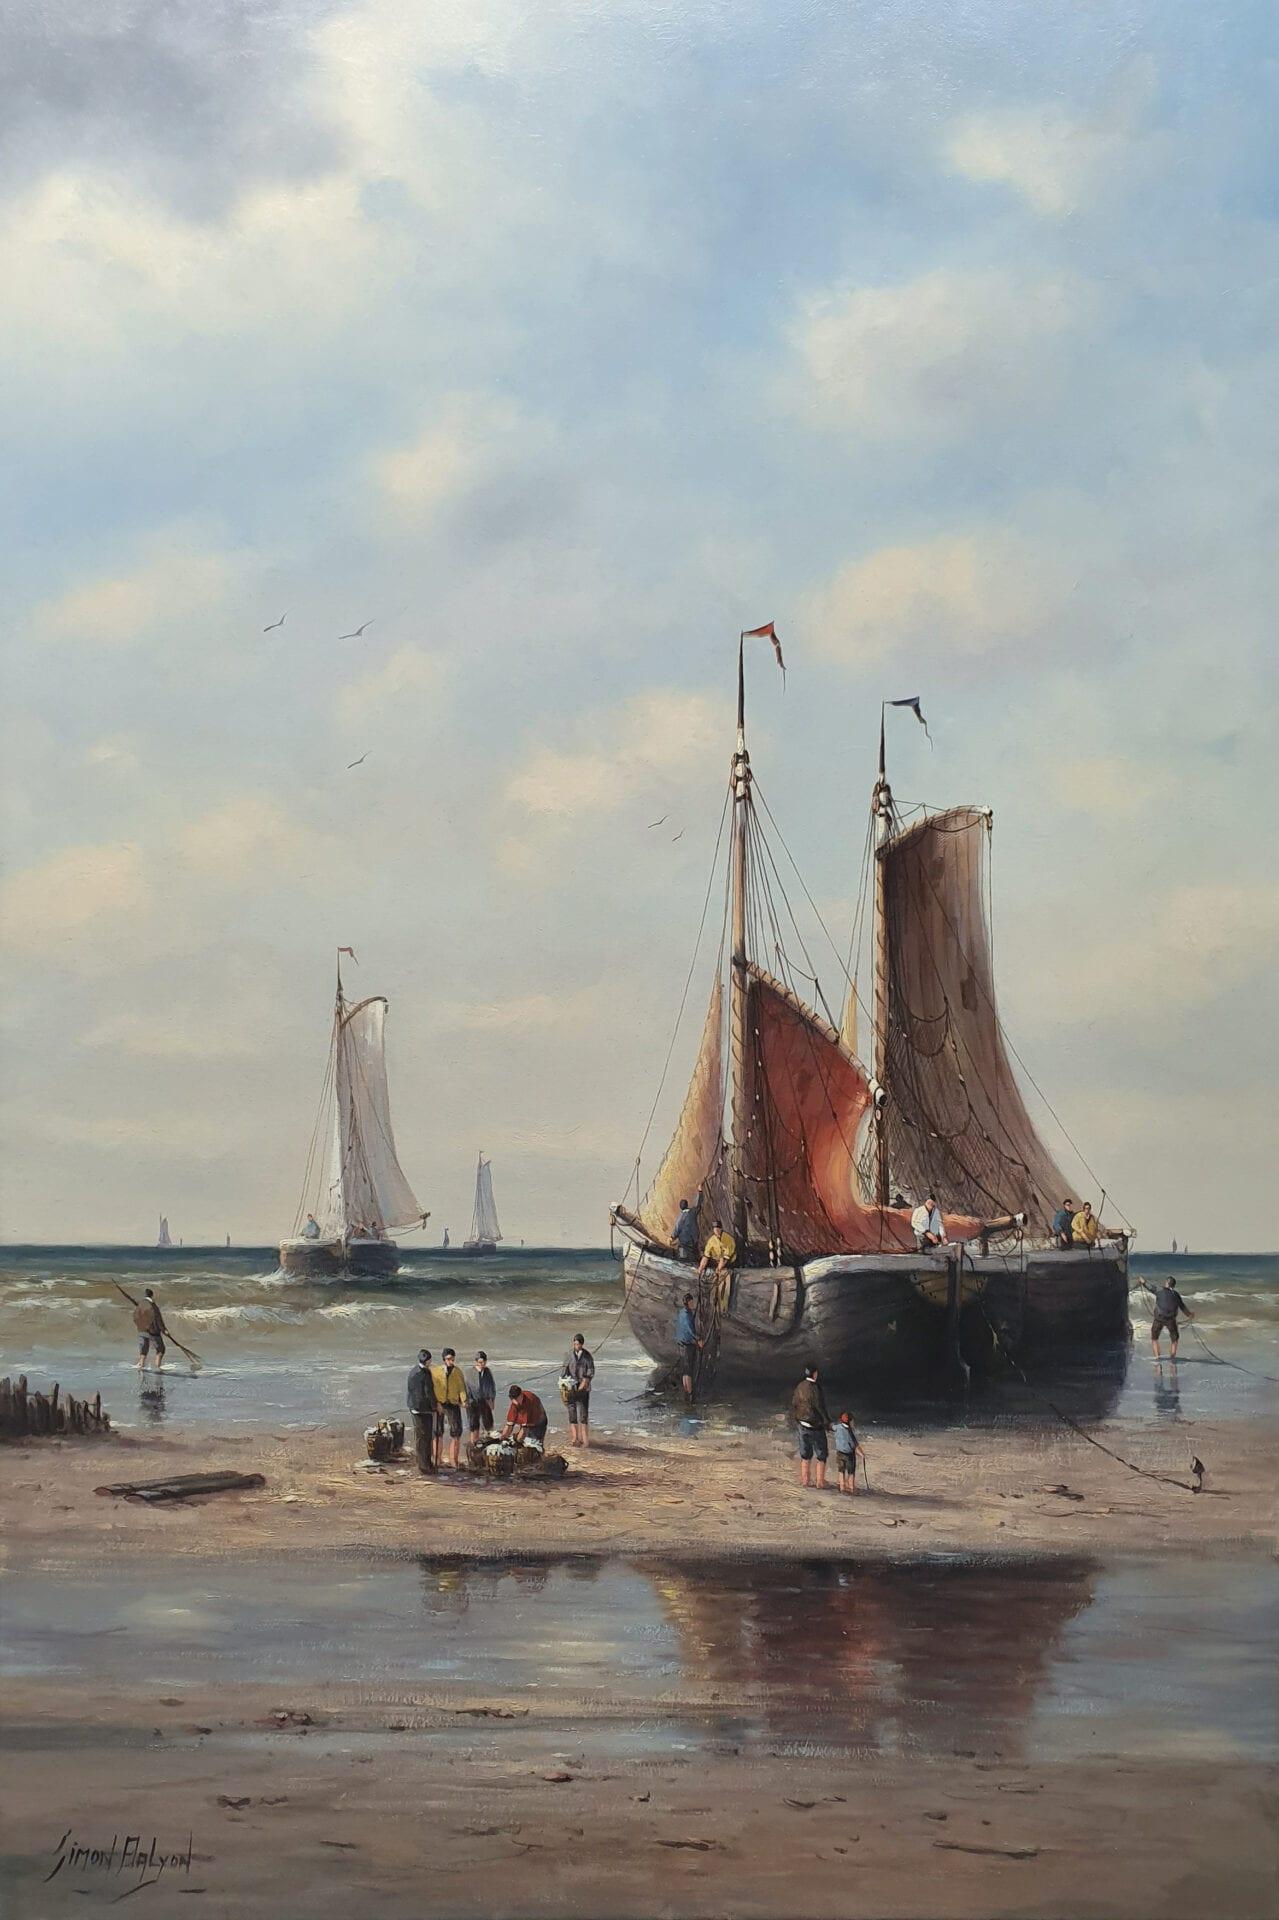 Simon Balyon - Hard Working on the Dutch Coastline